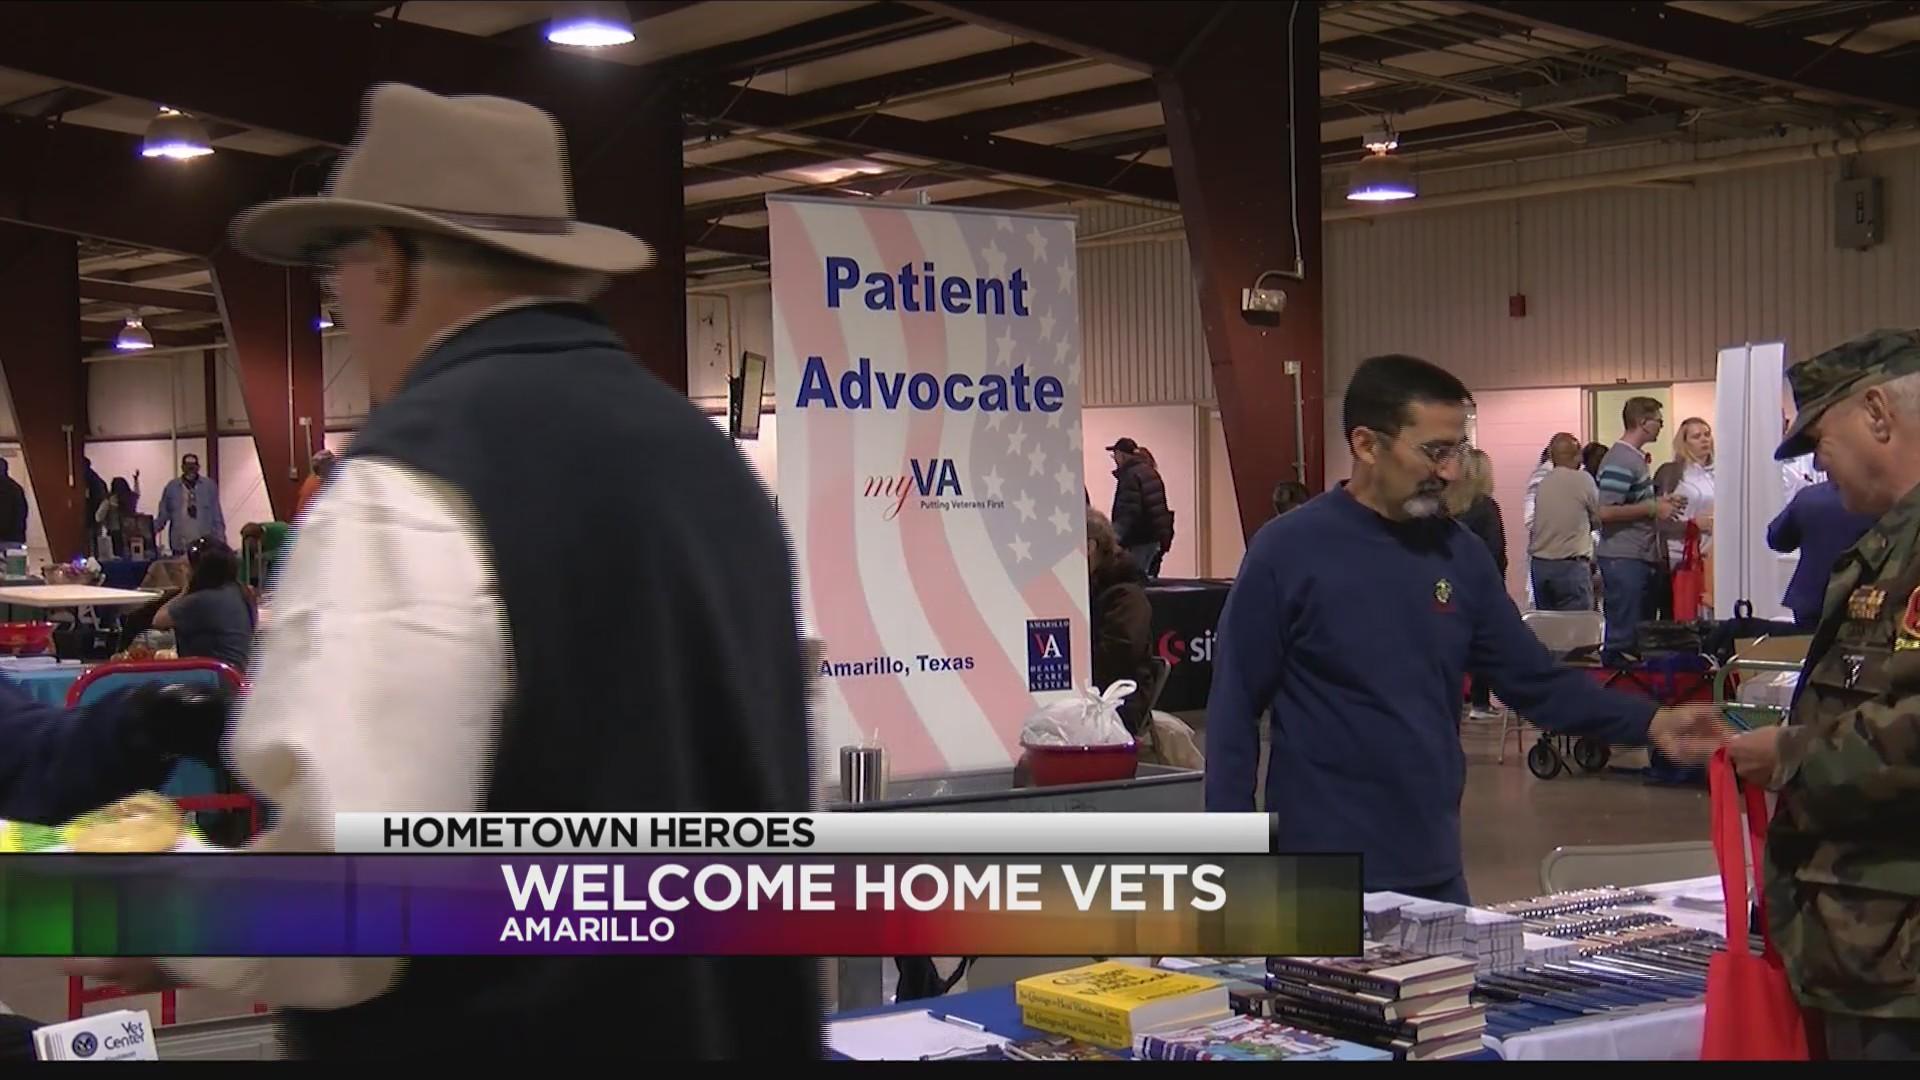 Thomas E. Creek VA Hosts Welcome Home Vets Event